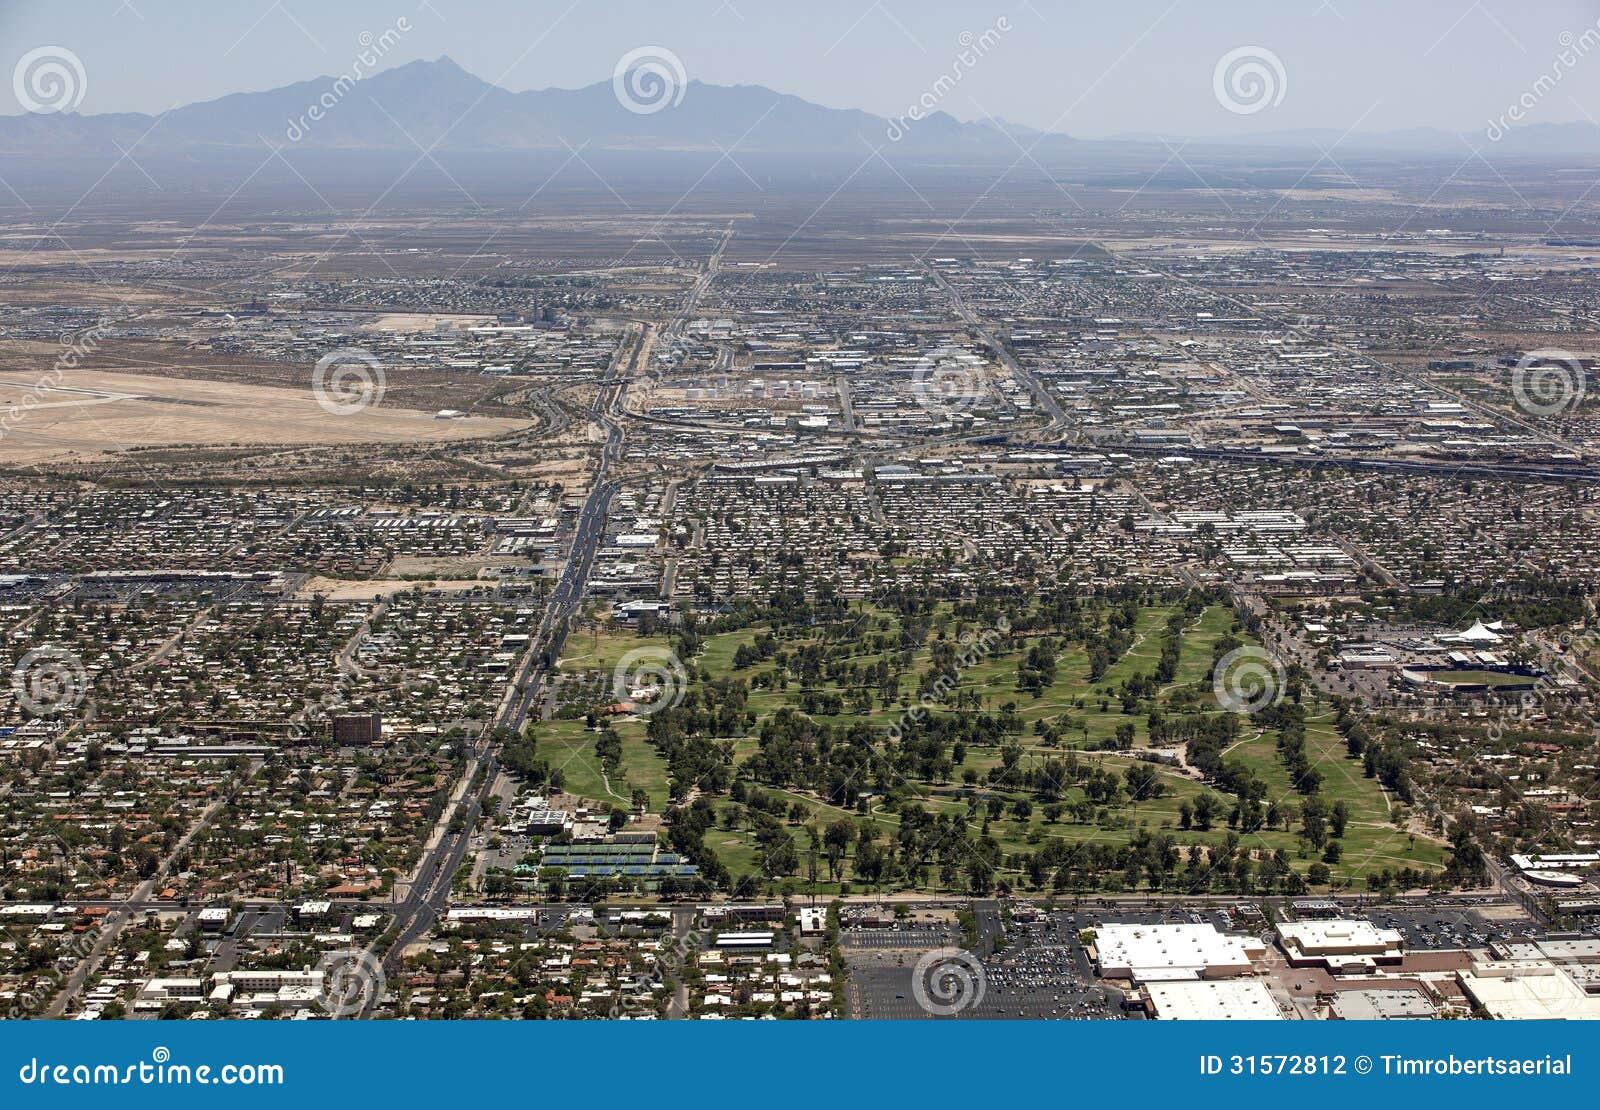 Tucson AZ datant datation utilisant des isotopes